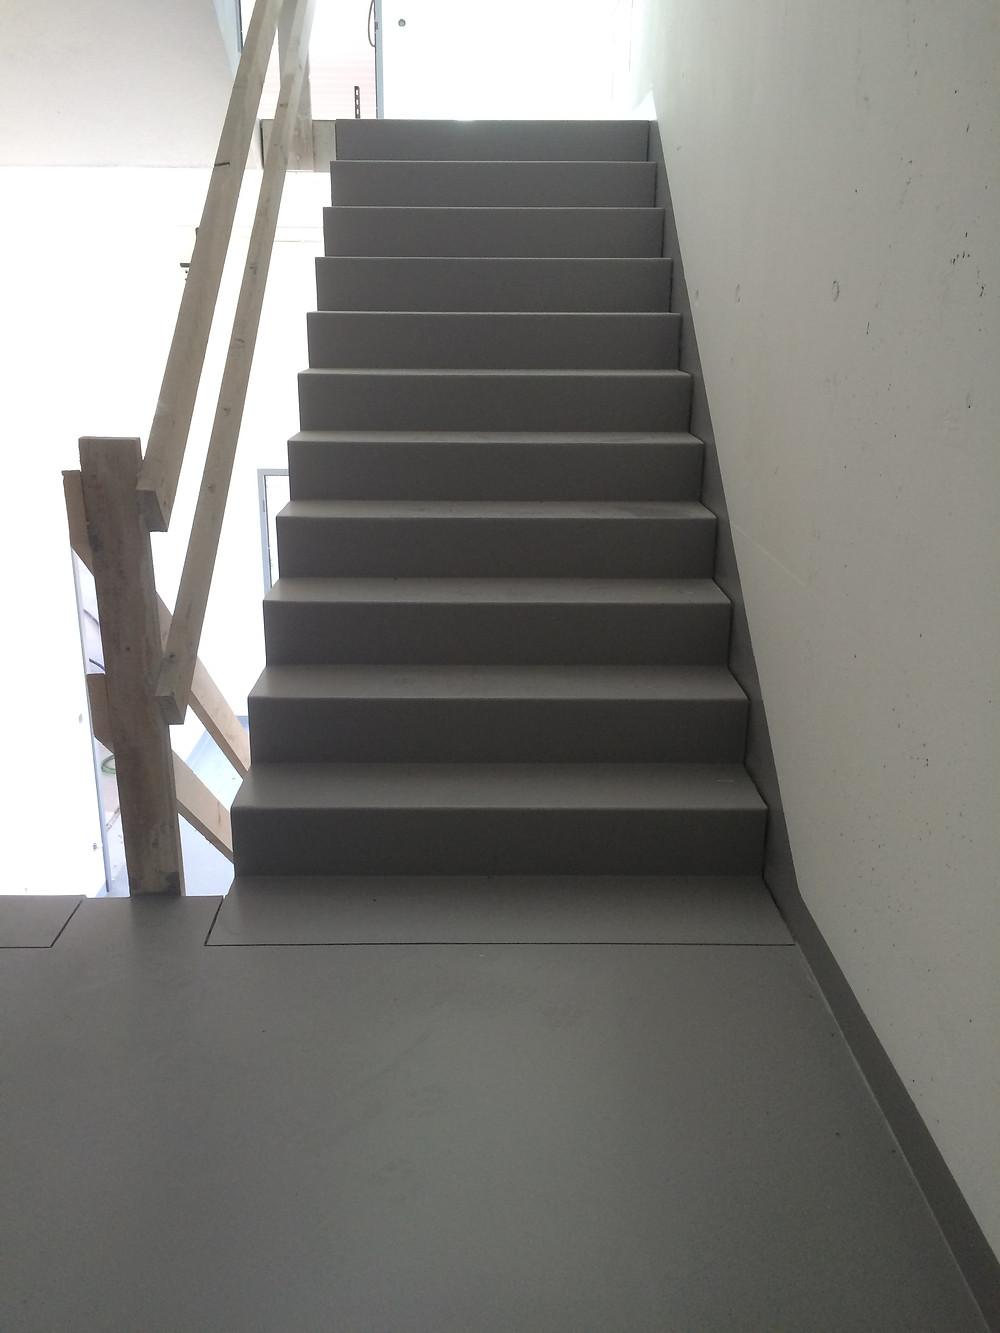 Traitement des escaliers avec marche R12 - GS 3 et contremarche lisse